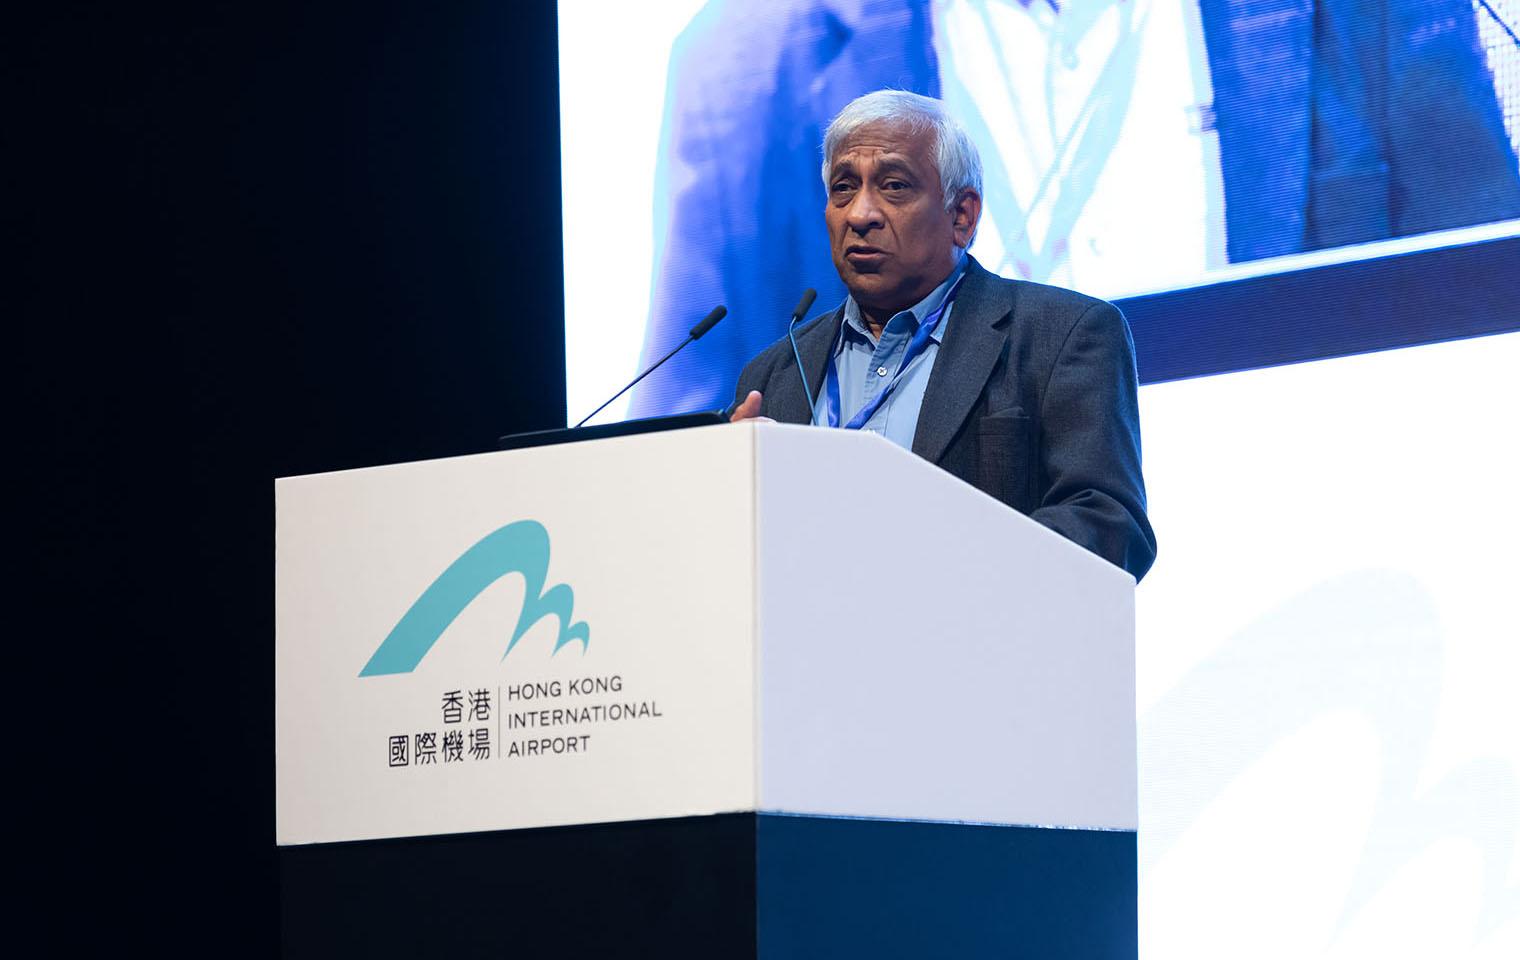 <strong>Mr. Vishwanath (Vish) Narayan</strong><br>IBM Watson IoT Lab Services